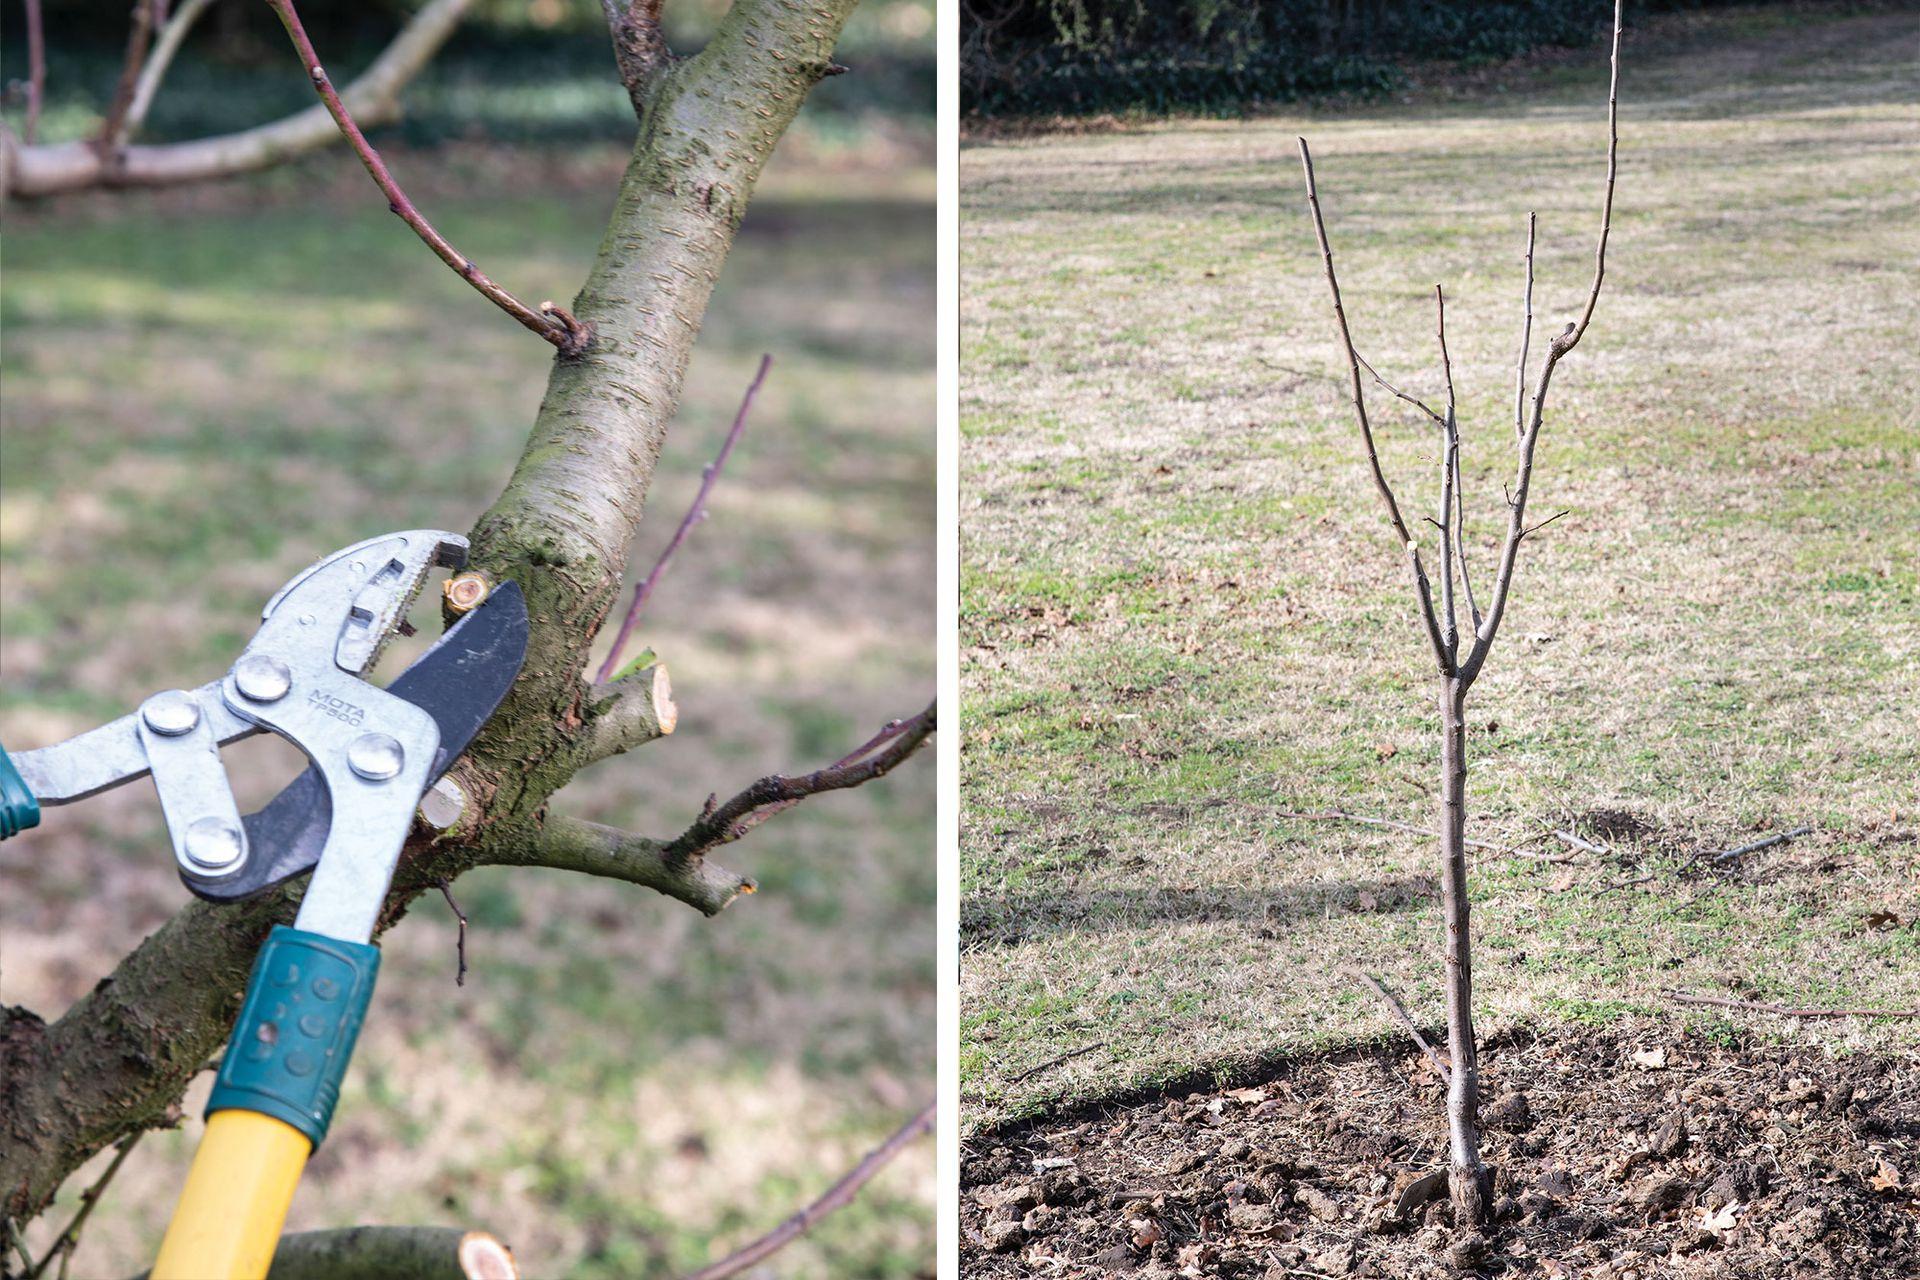 Izquierda: vamos eliminando las ramas que crecen para adentro y las ramas muertas, para permitir el paso de la luz y el aire. Derecha: Arbolito al año de ser plantado: se sigue la poda de formación seleccionando las ramas primarias que irán armando la copa.